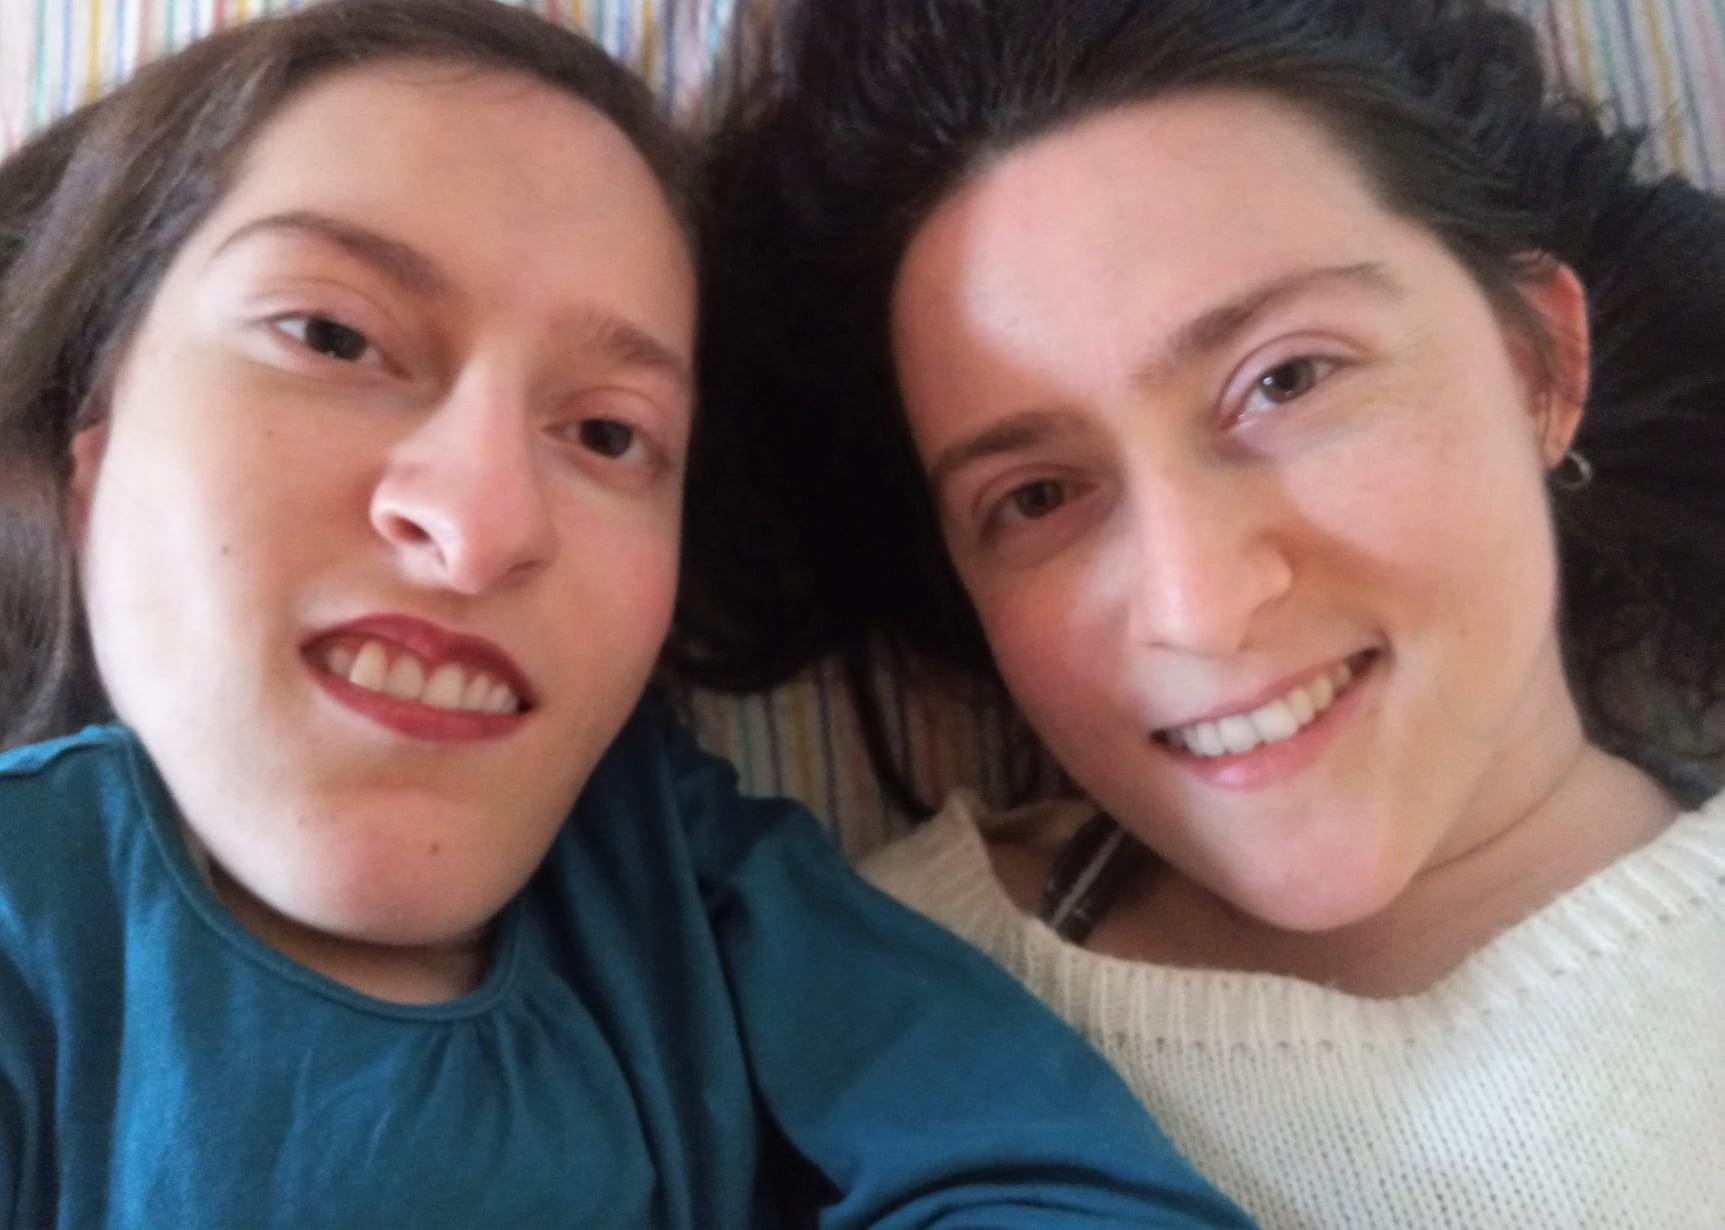 selfie di Elena (con una maglia ottanio) e Maria Chiara (con una maglia bianca) distese con le teste vicine.